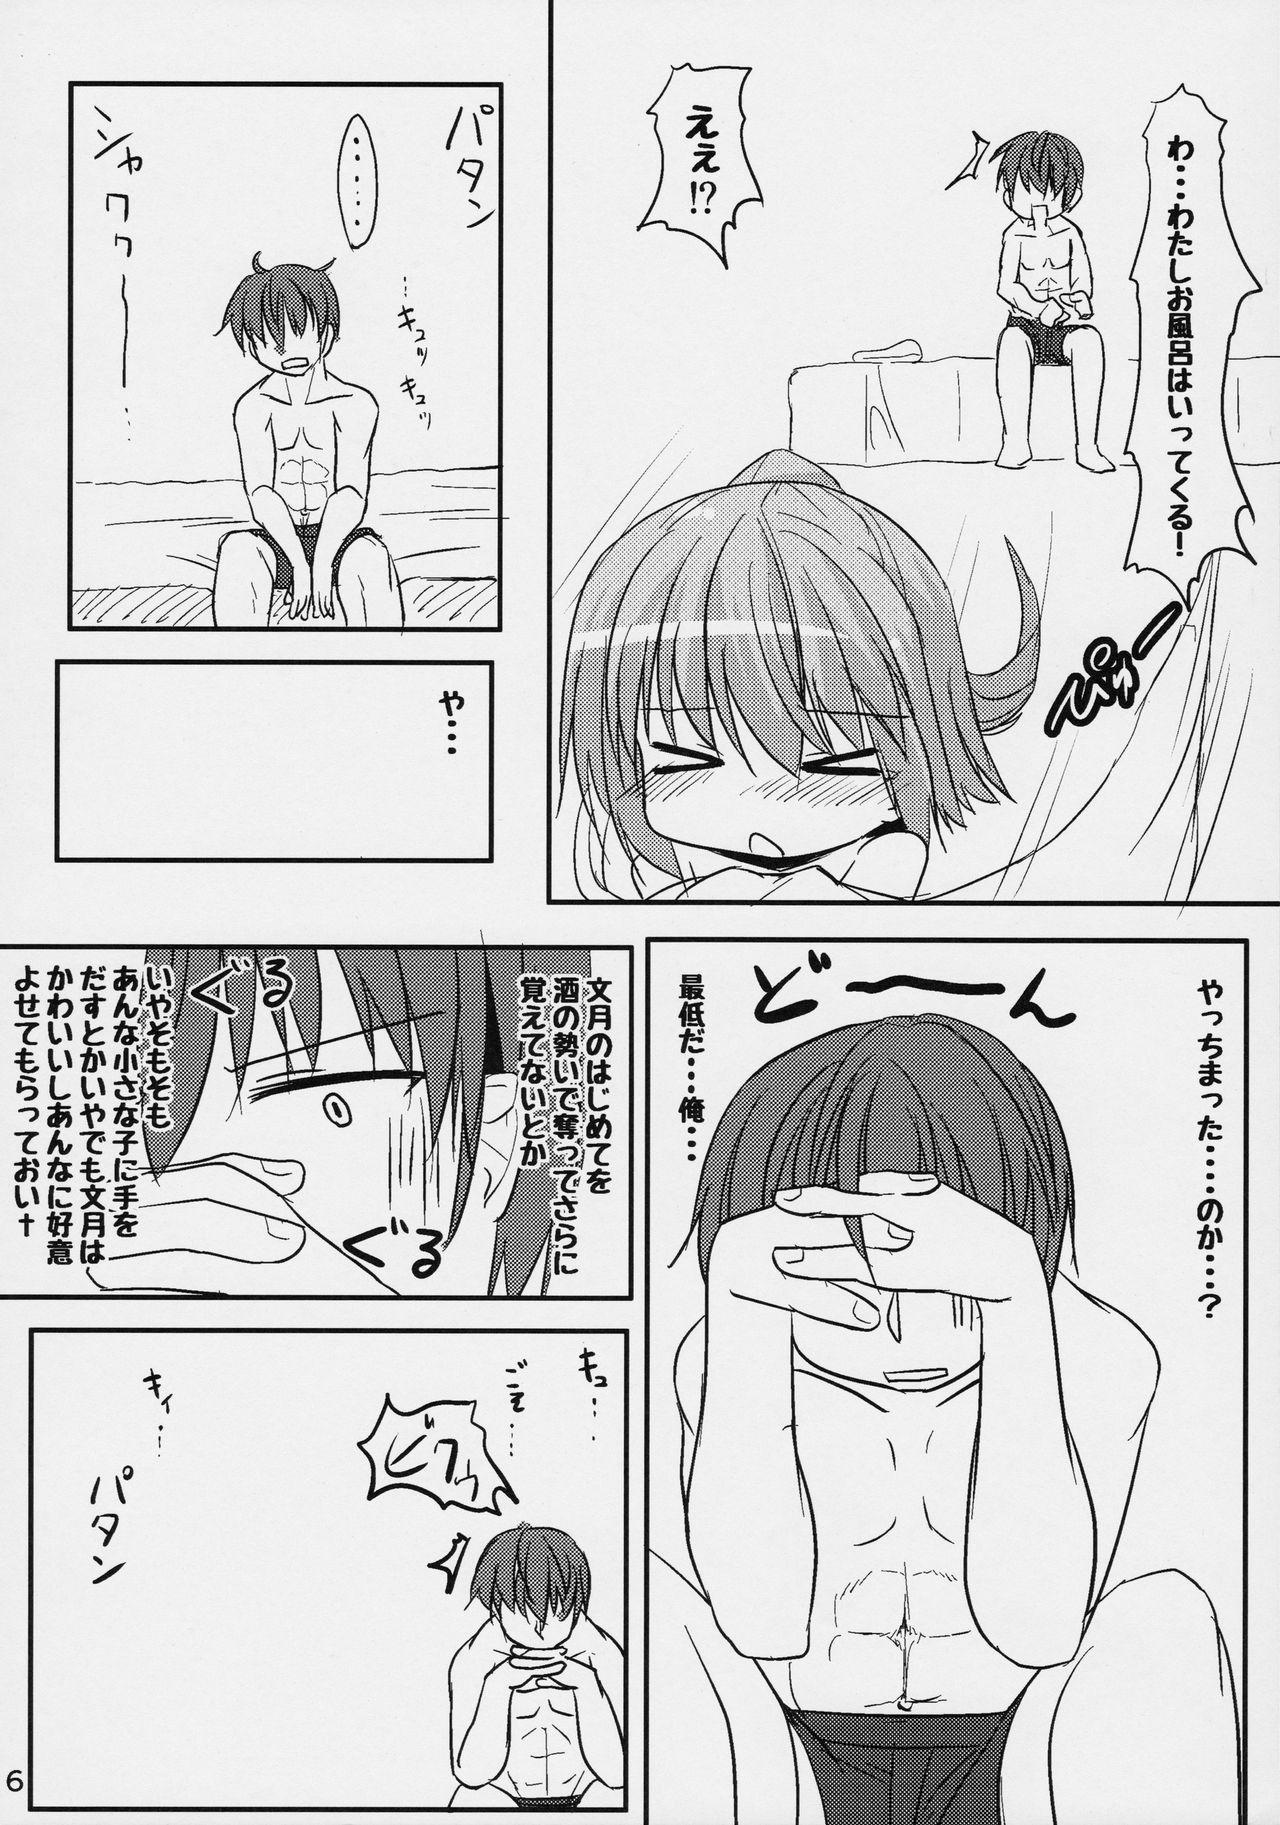 Fumizuki no Koto Motto Motto Sawatte Iiyo 4